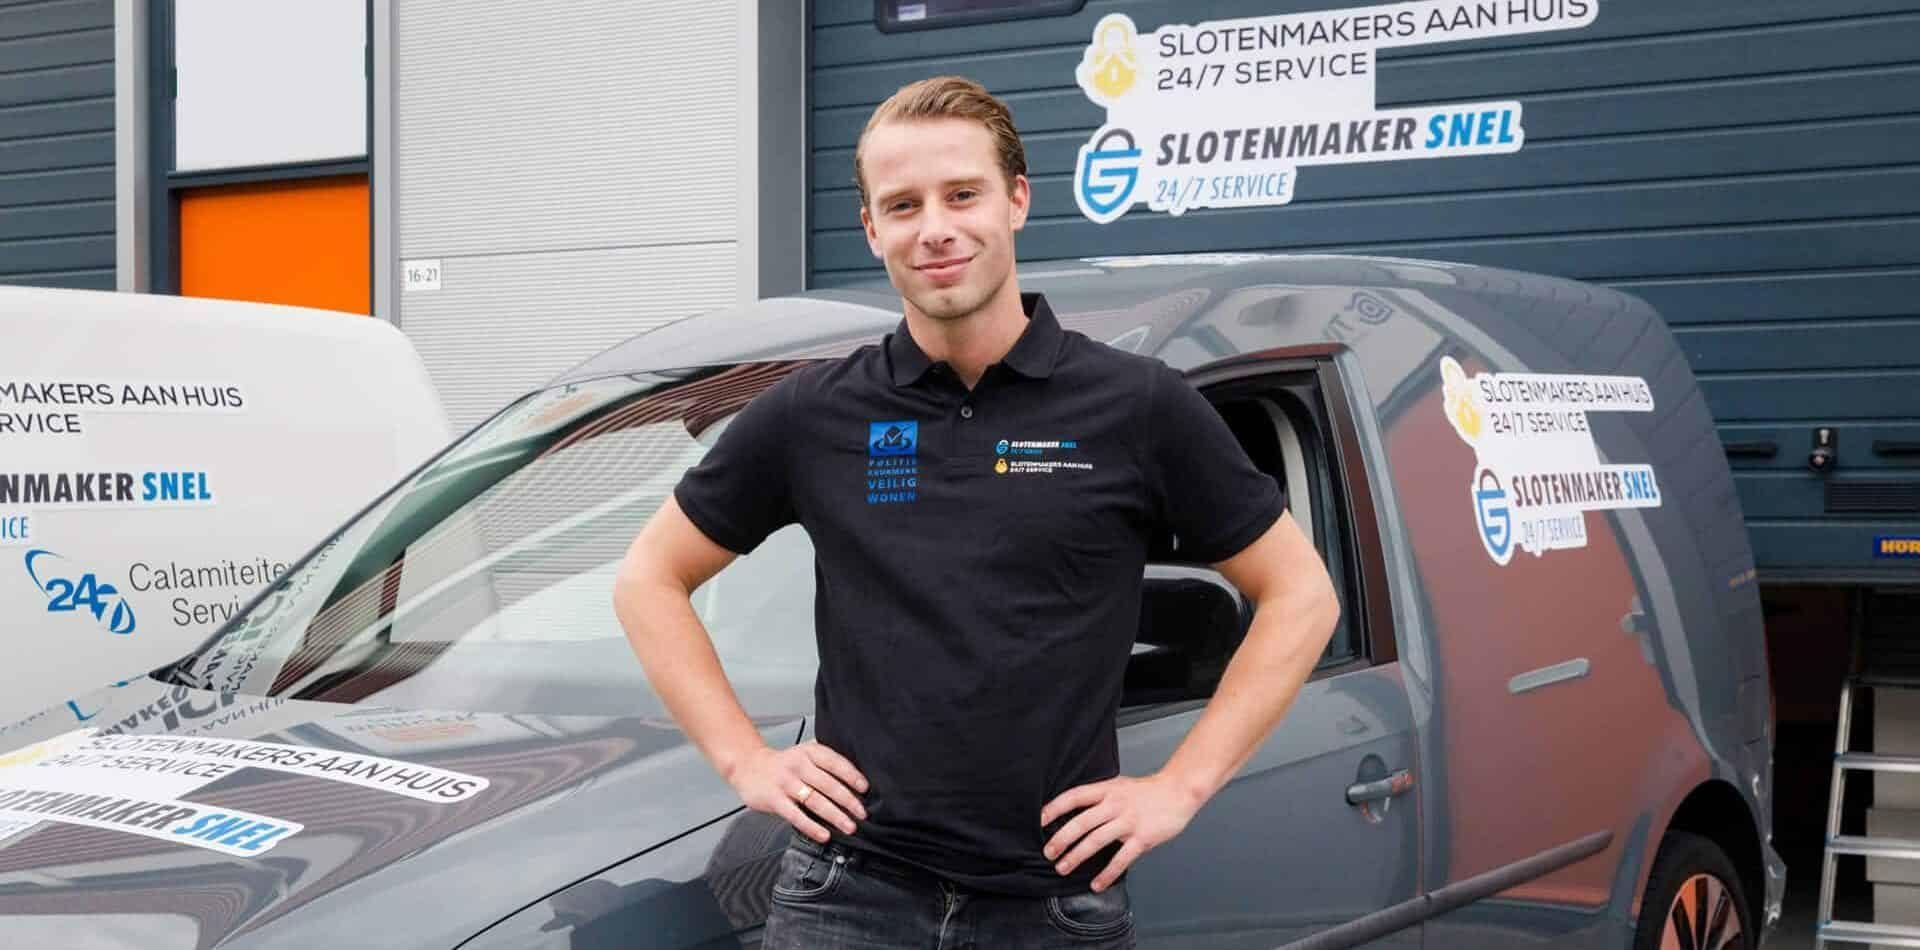 Slotenmaker Holten (7)